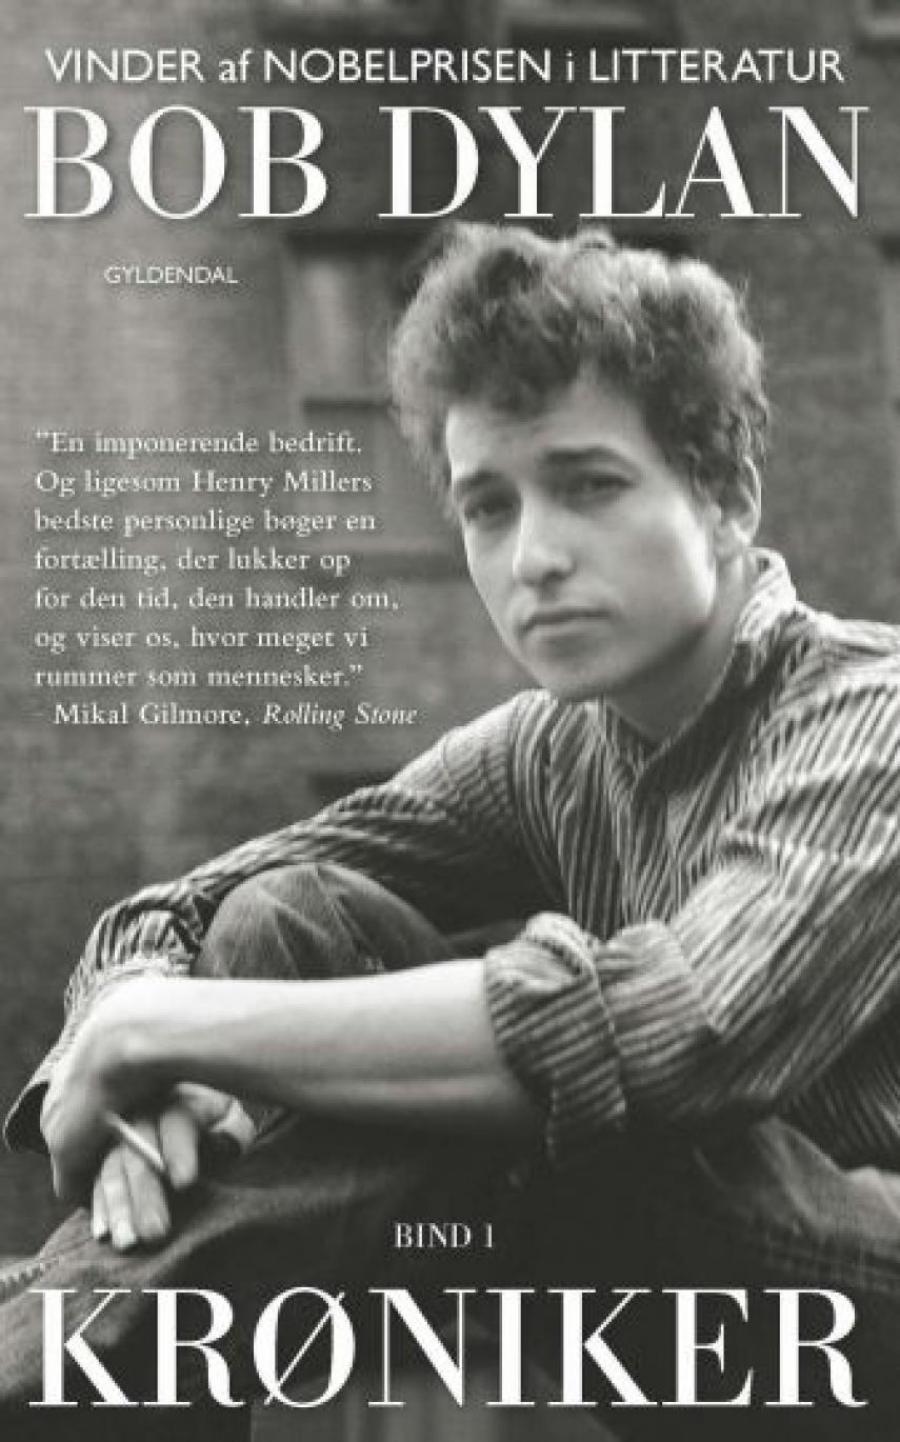 Forside af bogen Krøniker skrevet af Bob Dylan